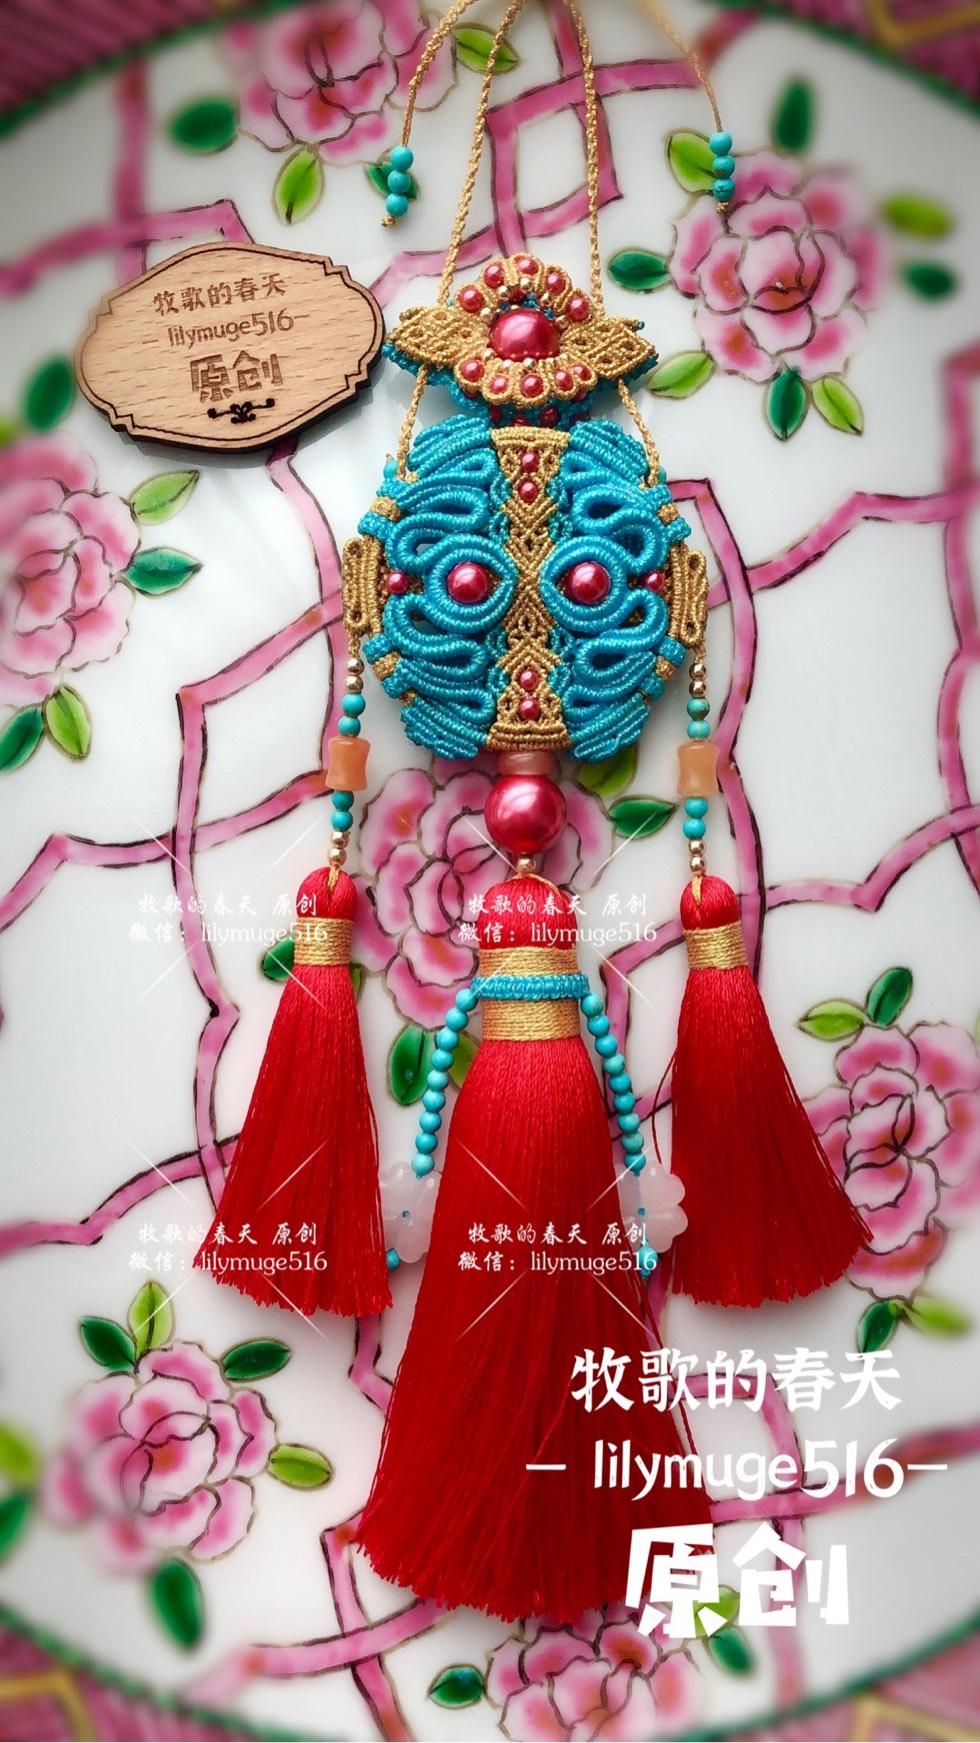 中国结论坛 原创作品 双面挂饰~卷云佩 挂饰,羊脂烟云佩,勾云佩,原创作品怎么做,自制新年挂饰 作品展示 103445ynmtttt7nmlz4t7n